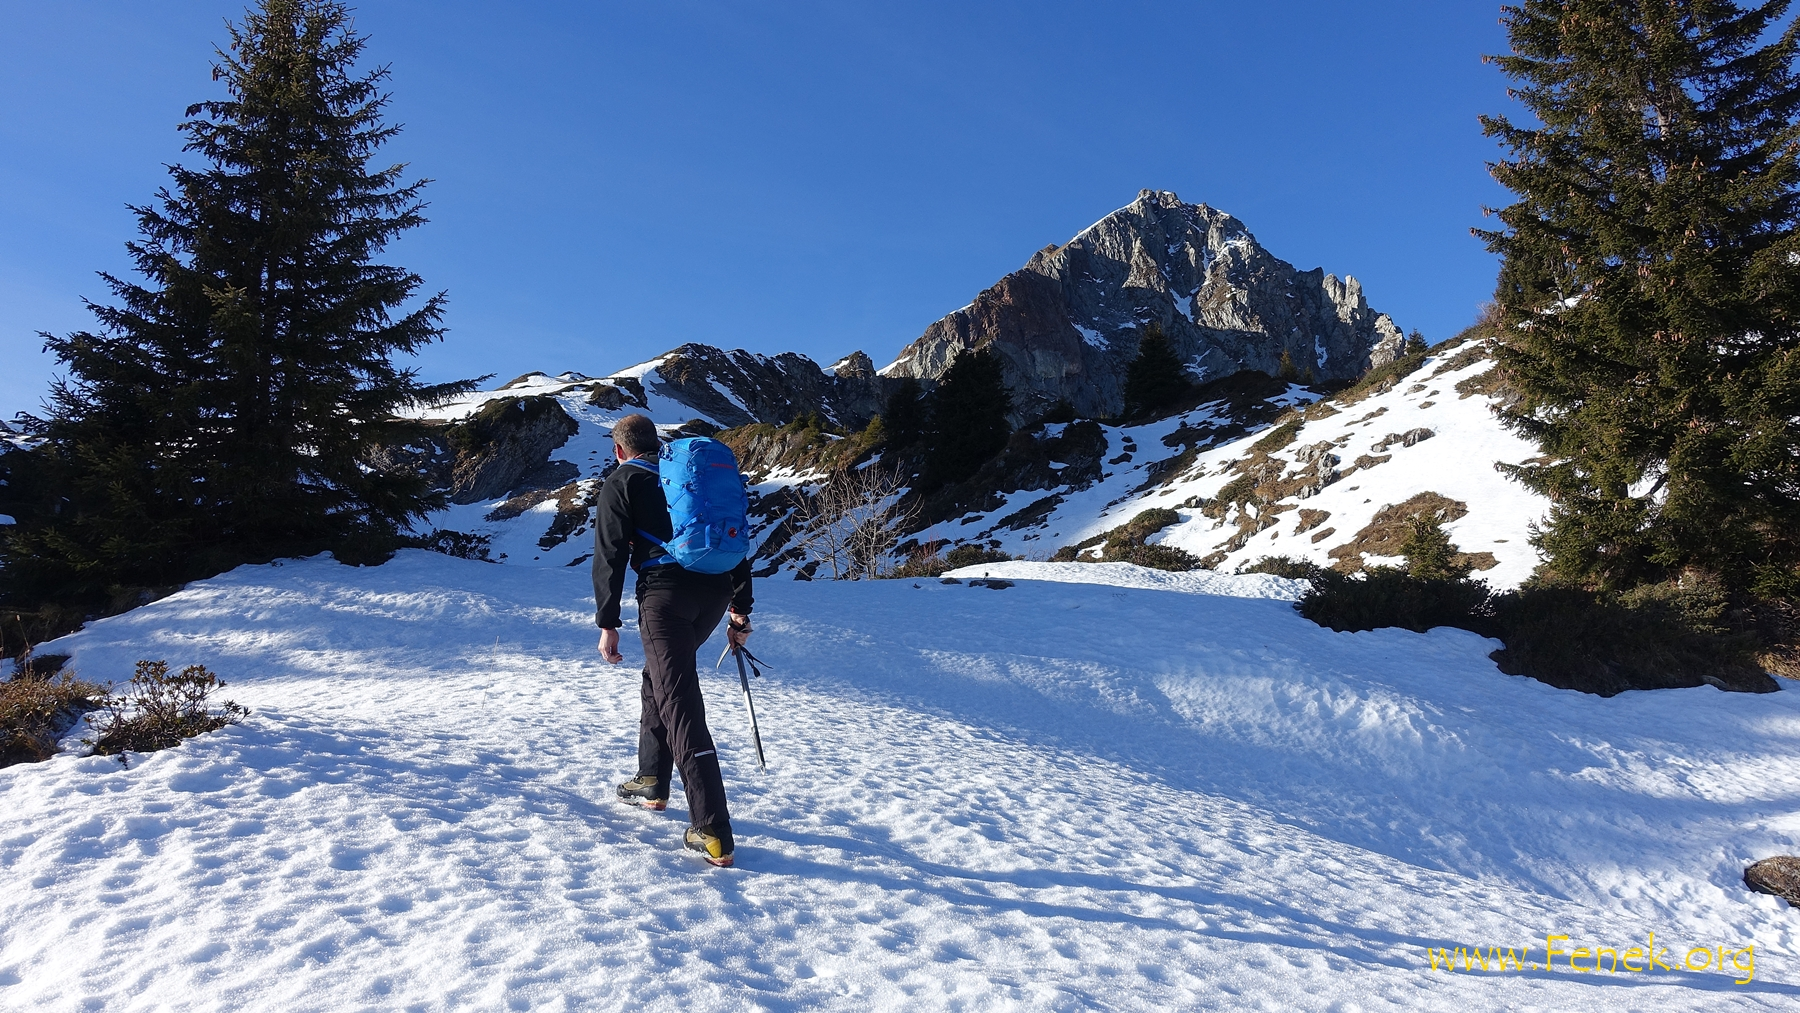 welch eine Freude auf dem festen Schnee aufzusteigen...!